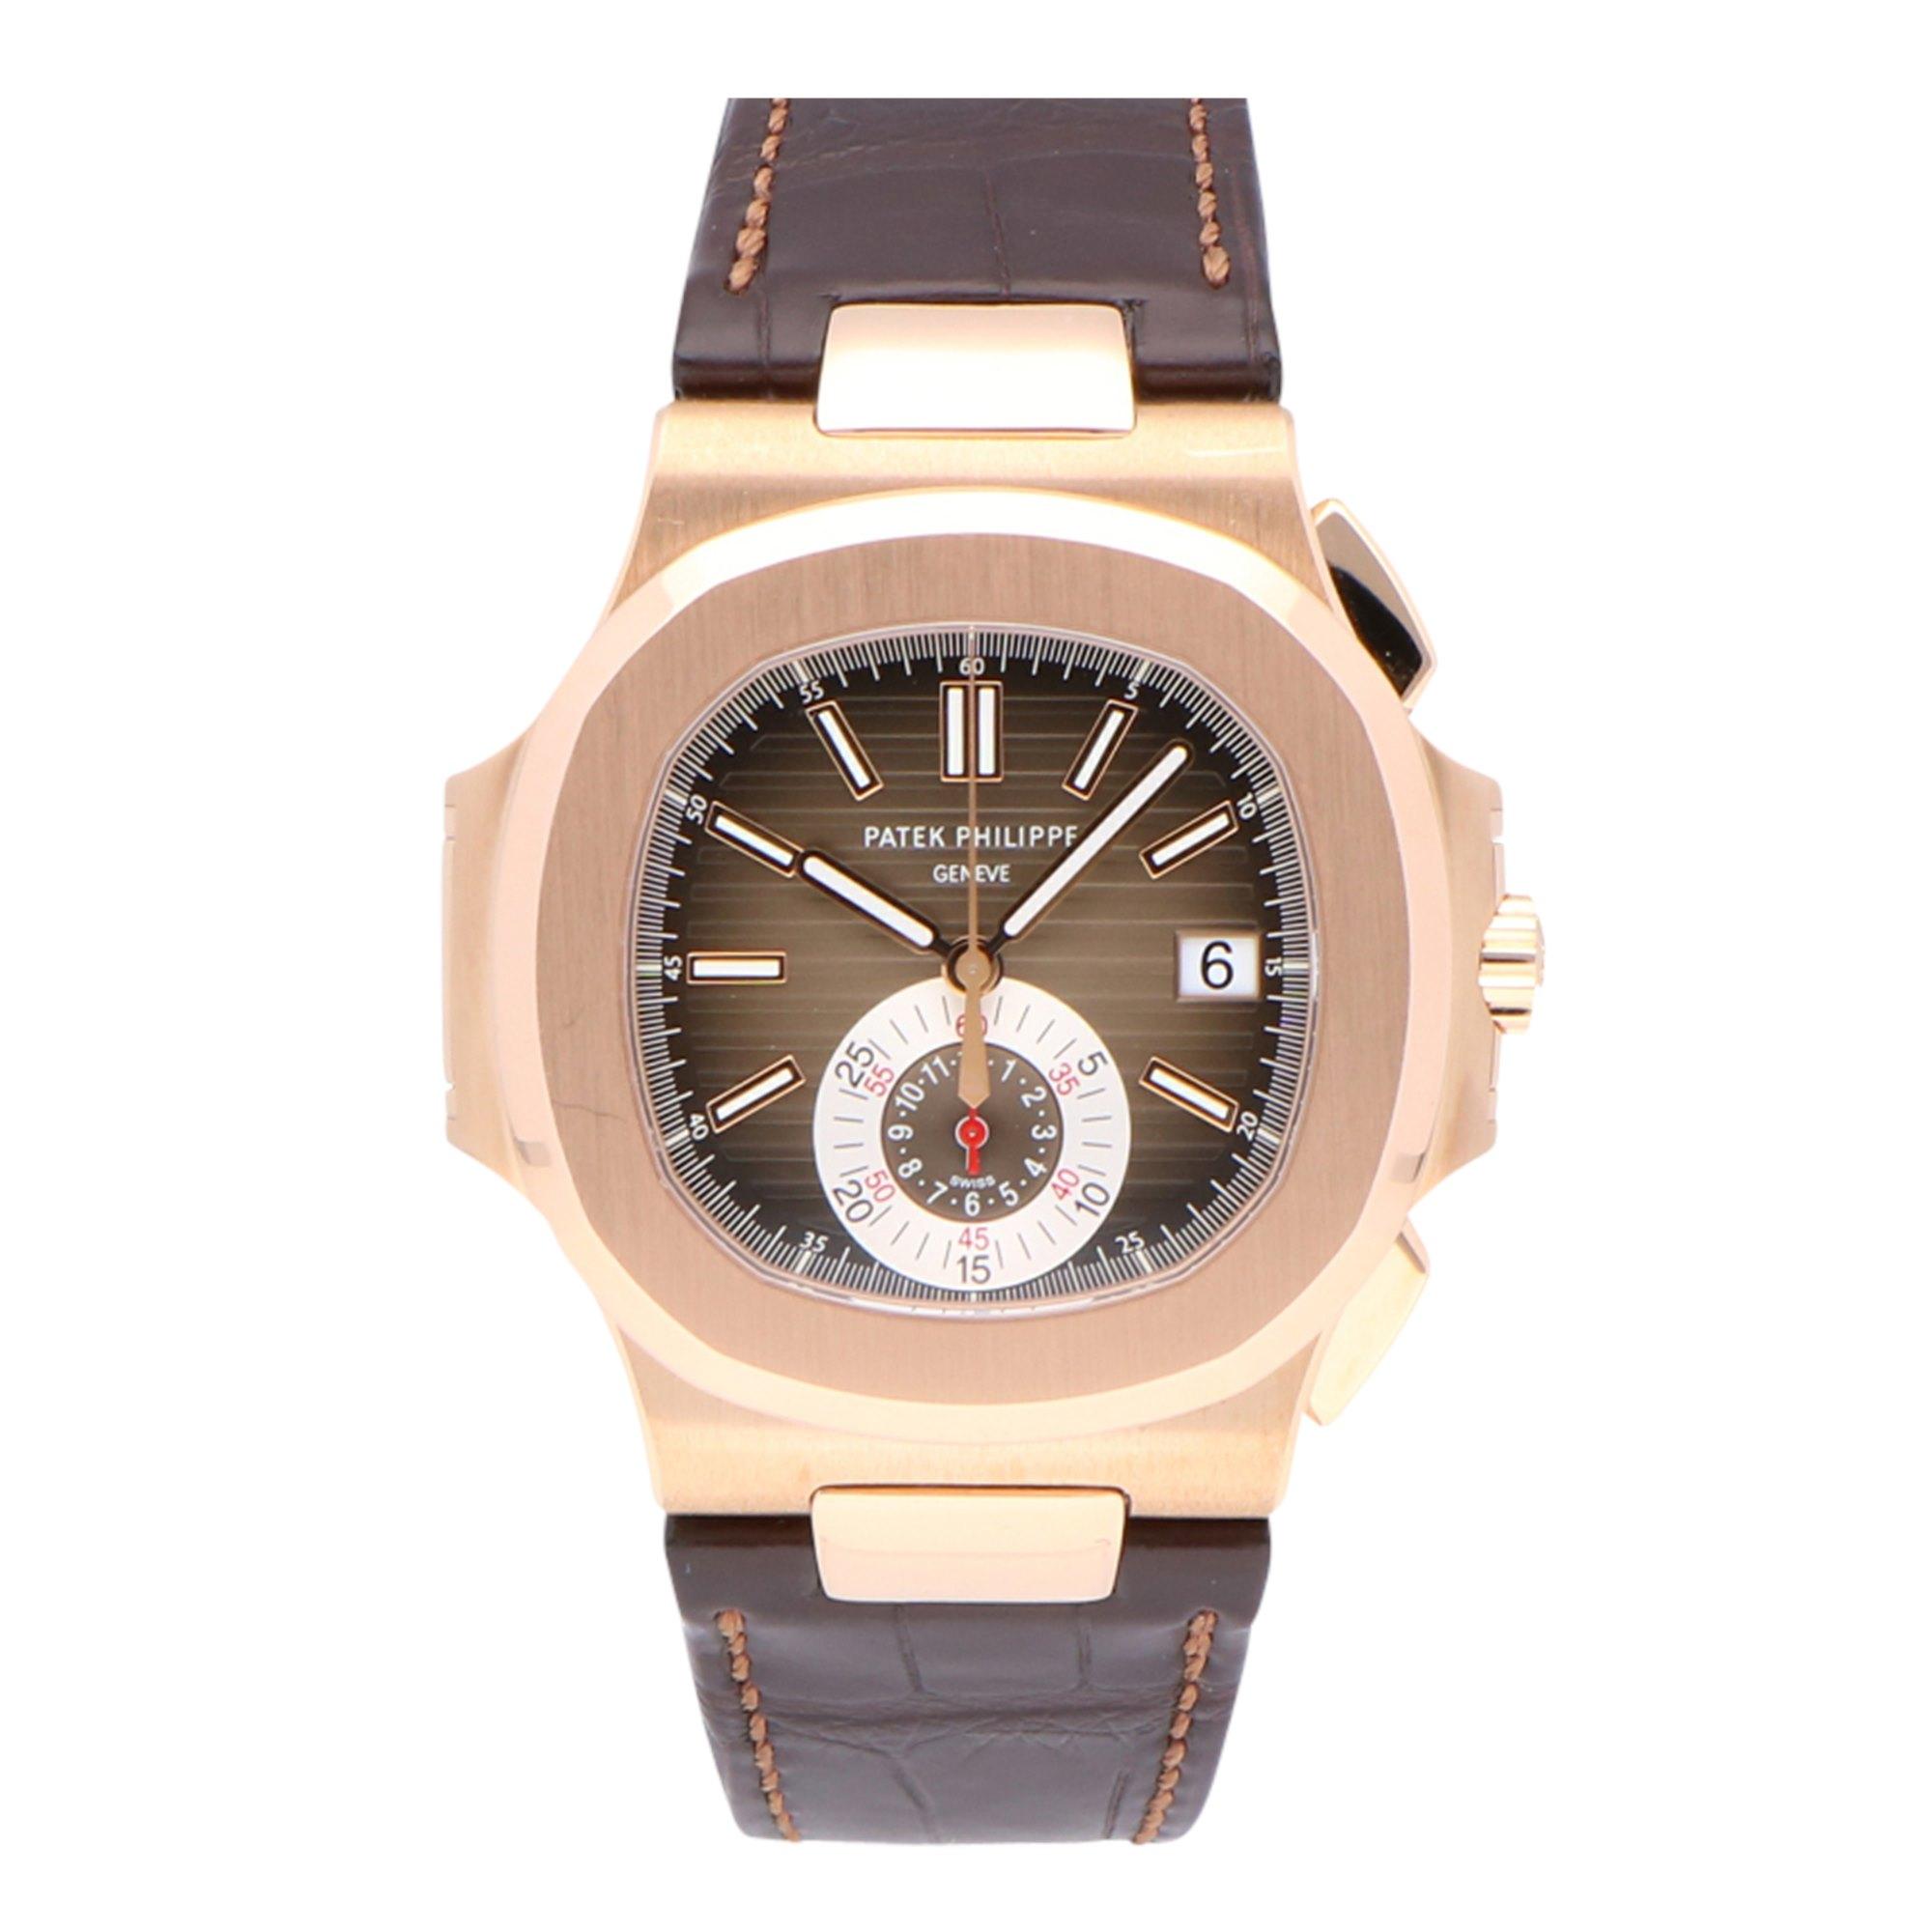 Patek Philippe Nautilus 18k Rose Gold 5980R-001